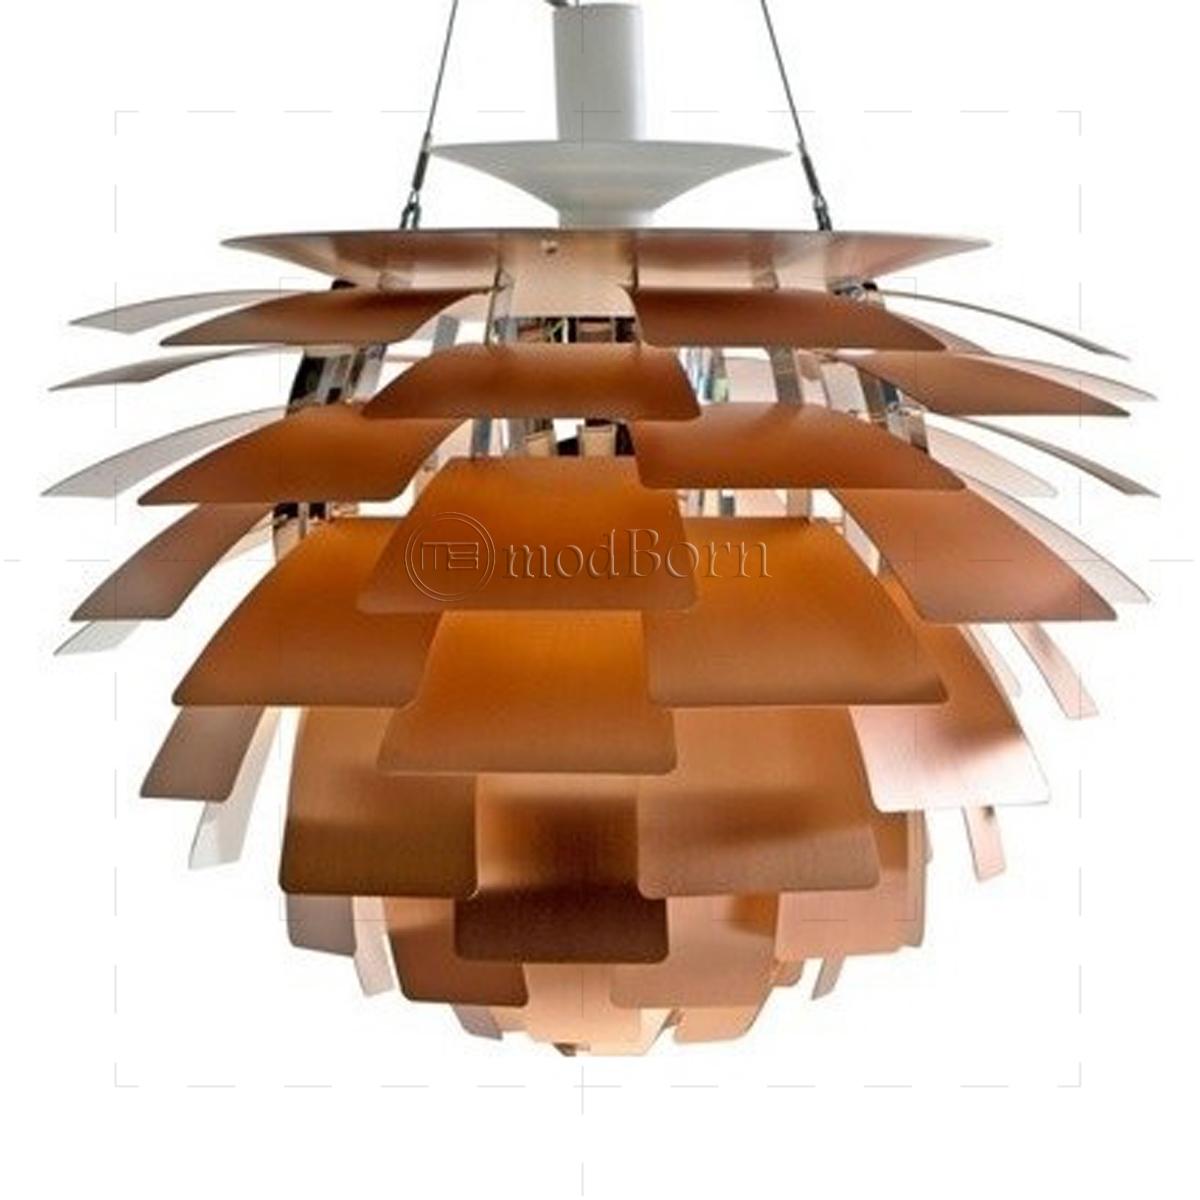 Poul henningsen style artichoke lamp copper 48cm replica for Design replica